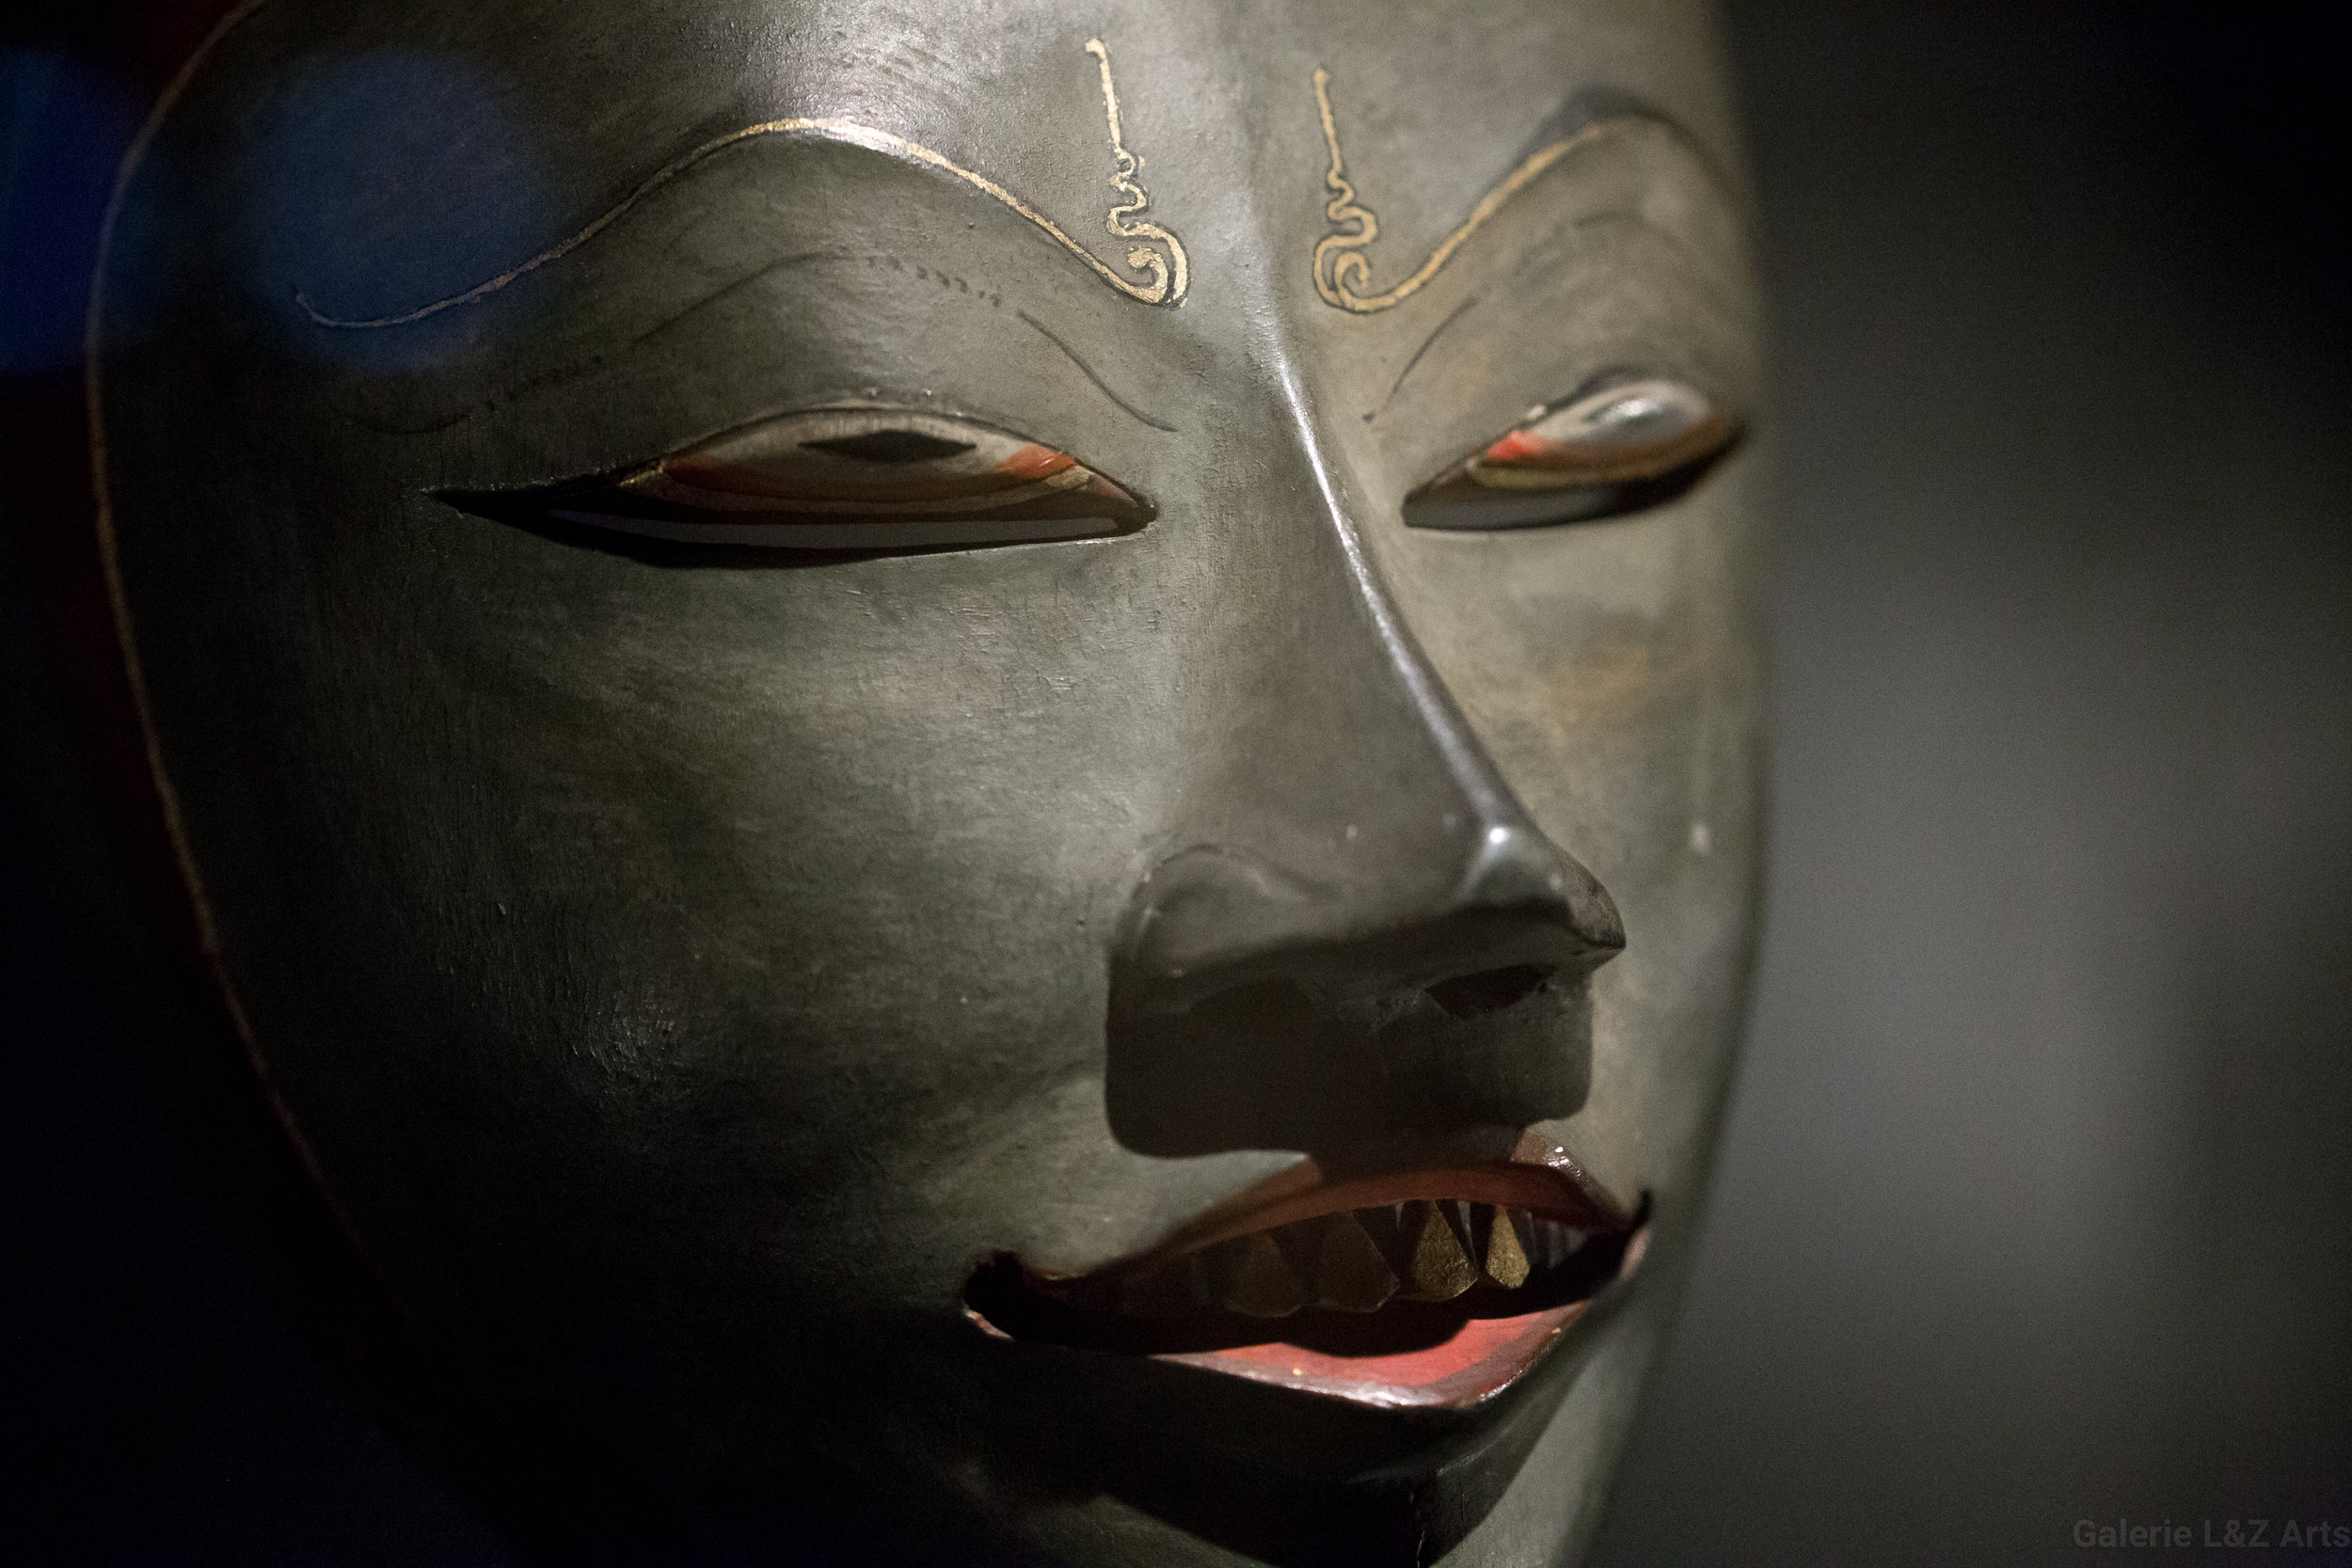 exposition-masque-art-tribal-africain-musee-quai-branly-belgique-galerie-lz-arts-liege-cite-miroir-oceanie-asie-japon-amerique-art-premier-nepal-21.jpg